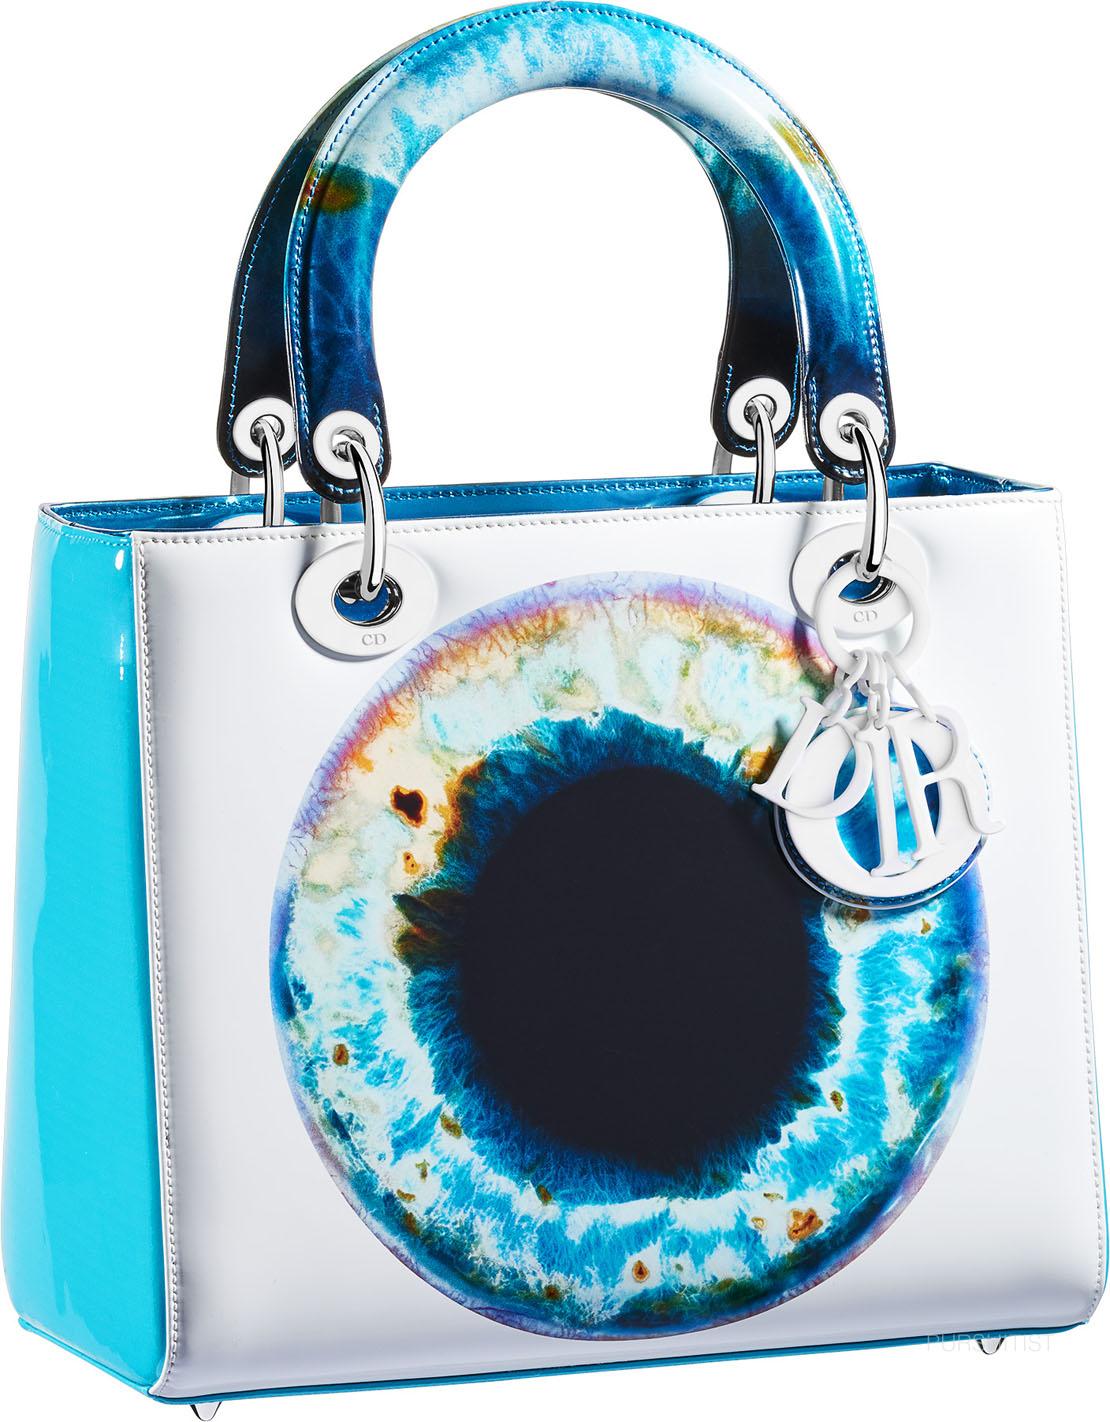 Marc-Quinn-Designs-Lady-Dior-Handbags-.jpg